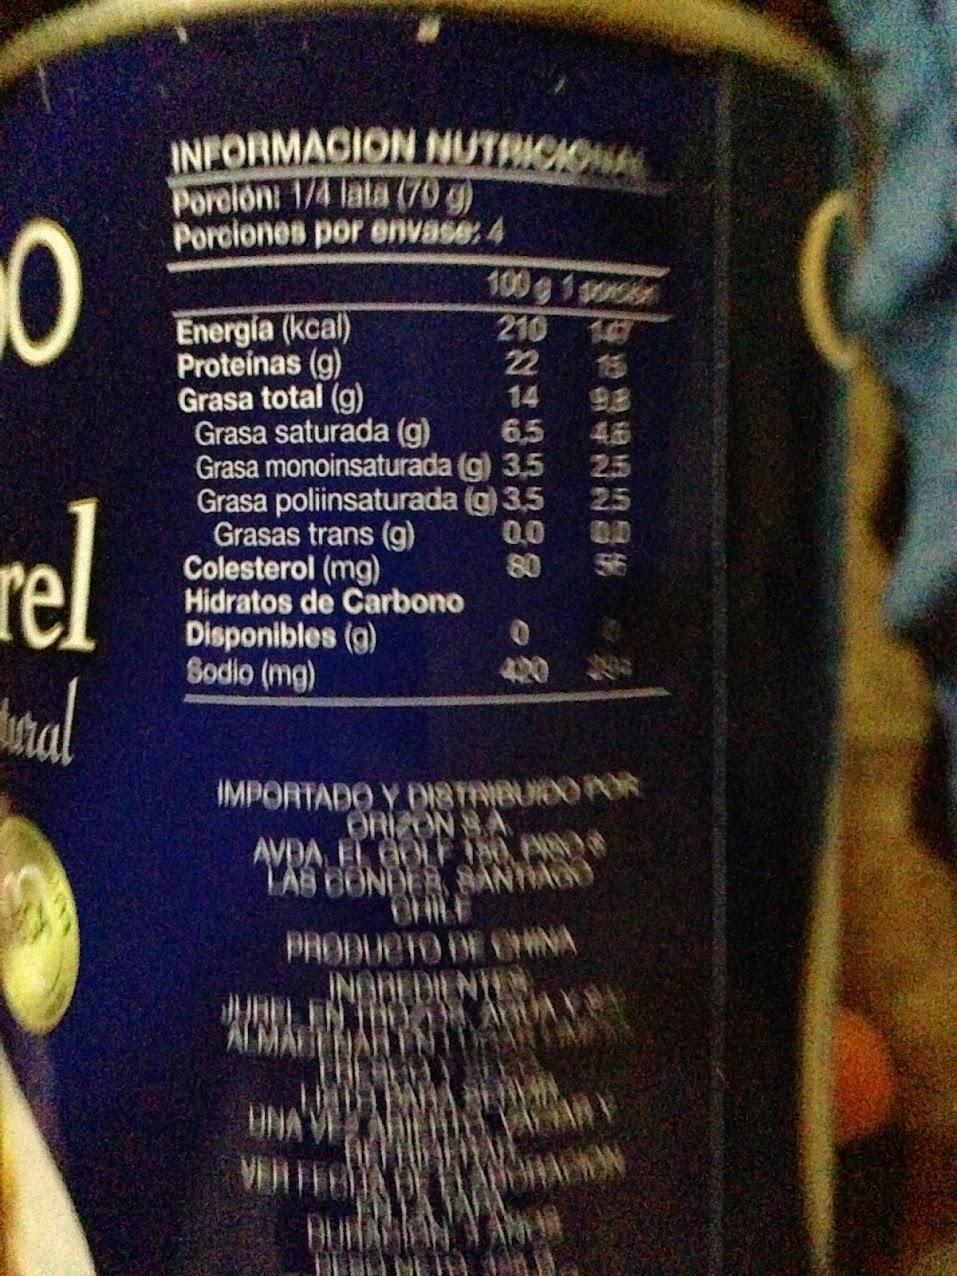 Diferencias en info nutricional del Jurel IMG_1355